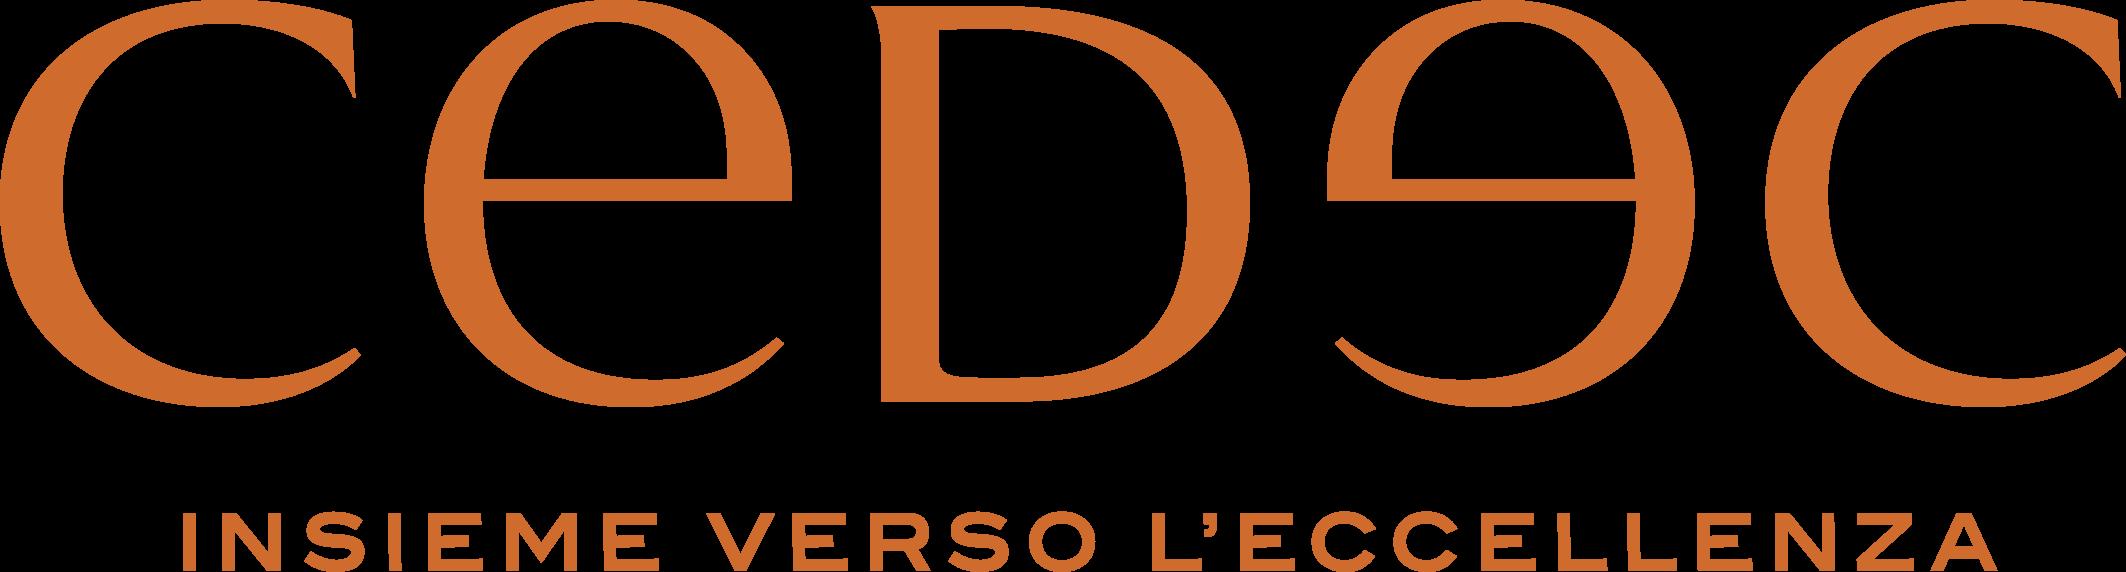 CEDEC News